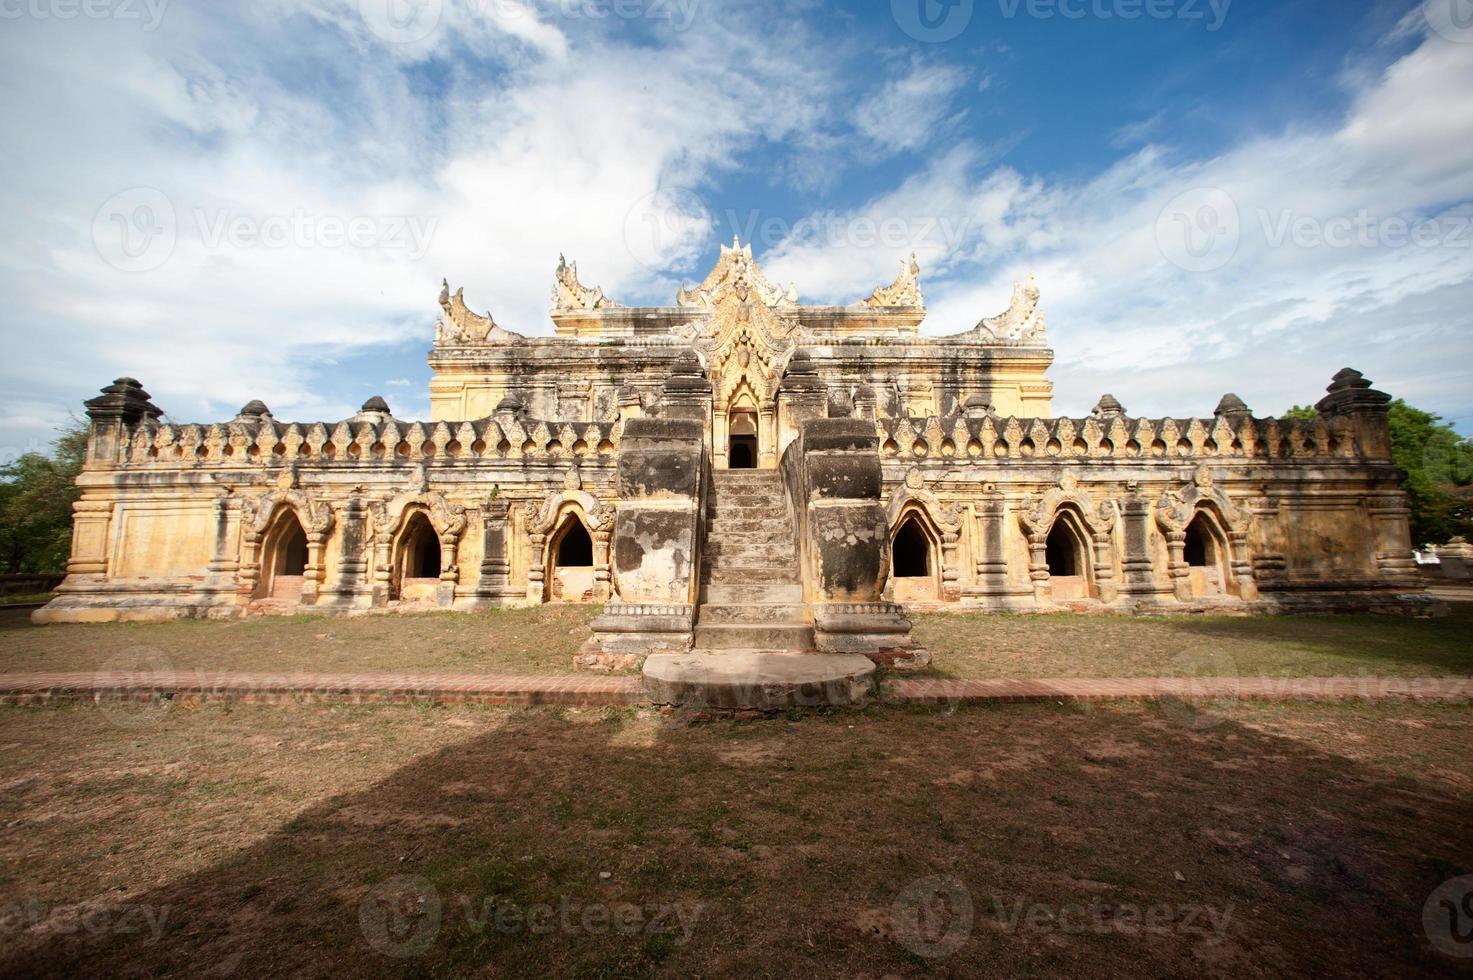 maha aung mye bon zan klooster. foto